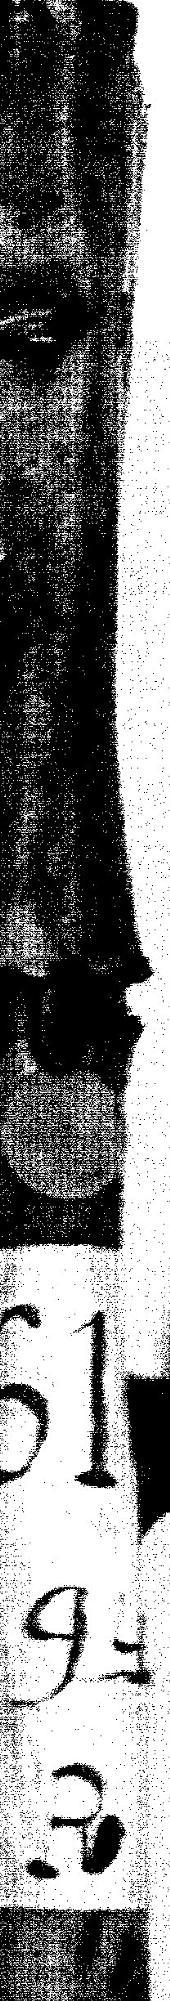 Apologia Leonharti Fuchsii... qua refellit malitiosas Gualtheri Ryffi veteratoris pessimi reprehensiones, quas ille Dioscoridi nuper ex Egenolphi officina prodeunti attexuit...